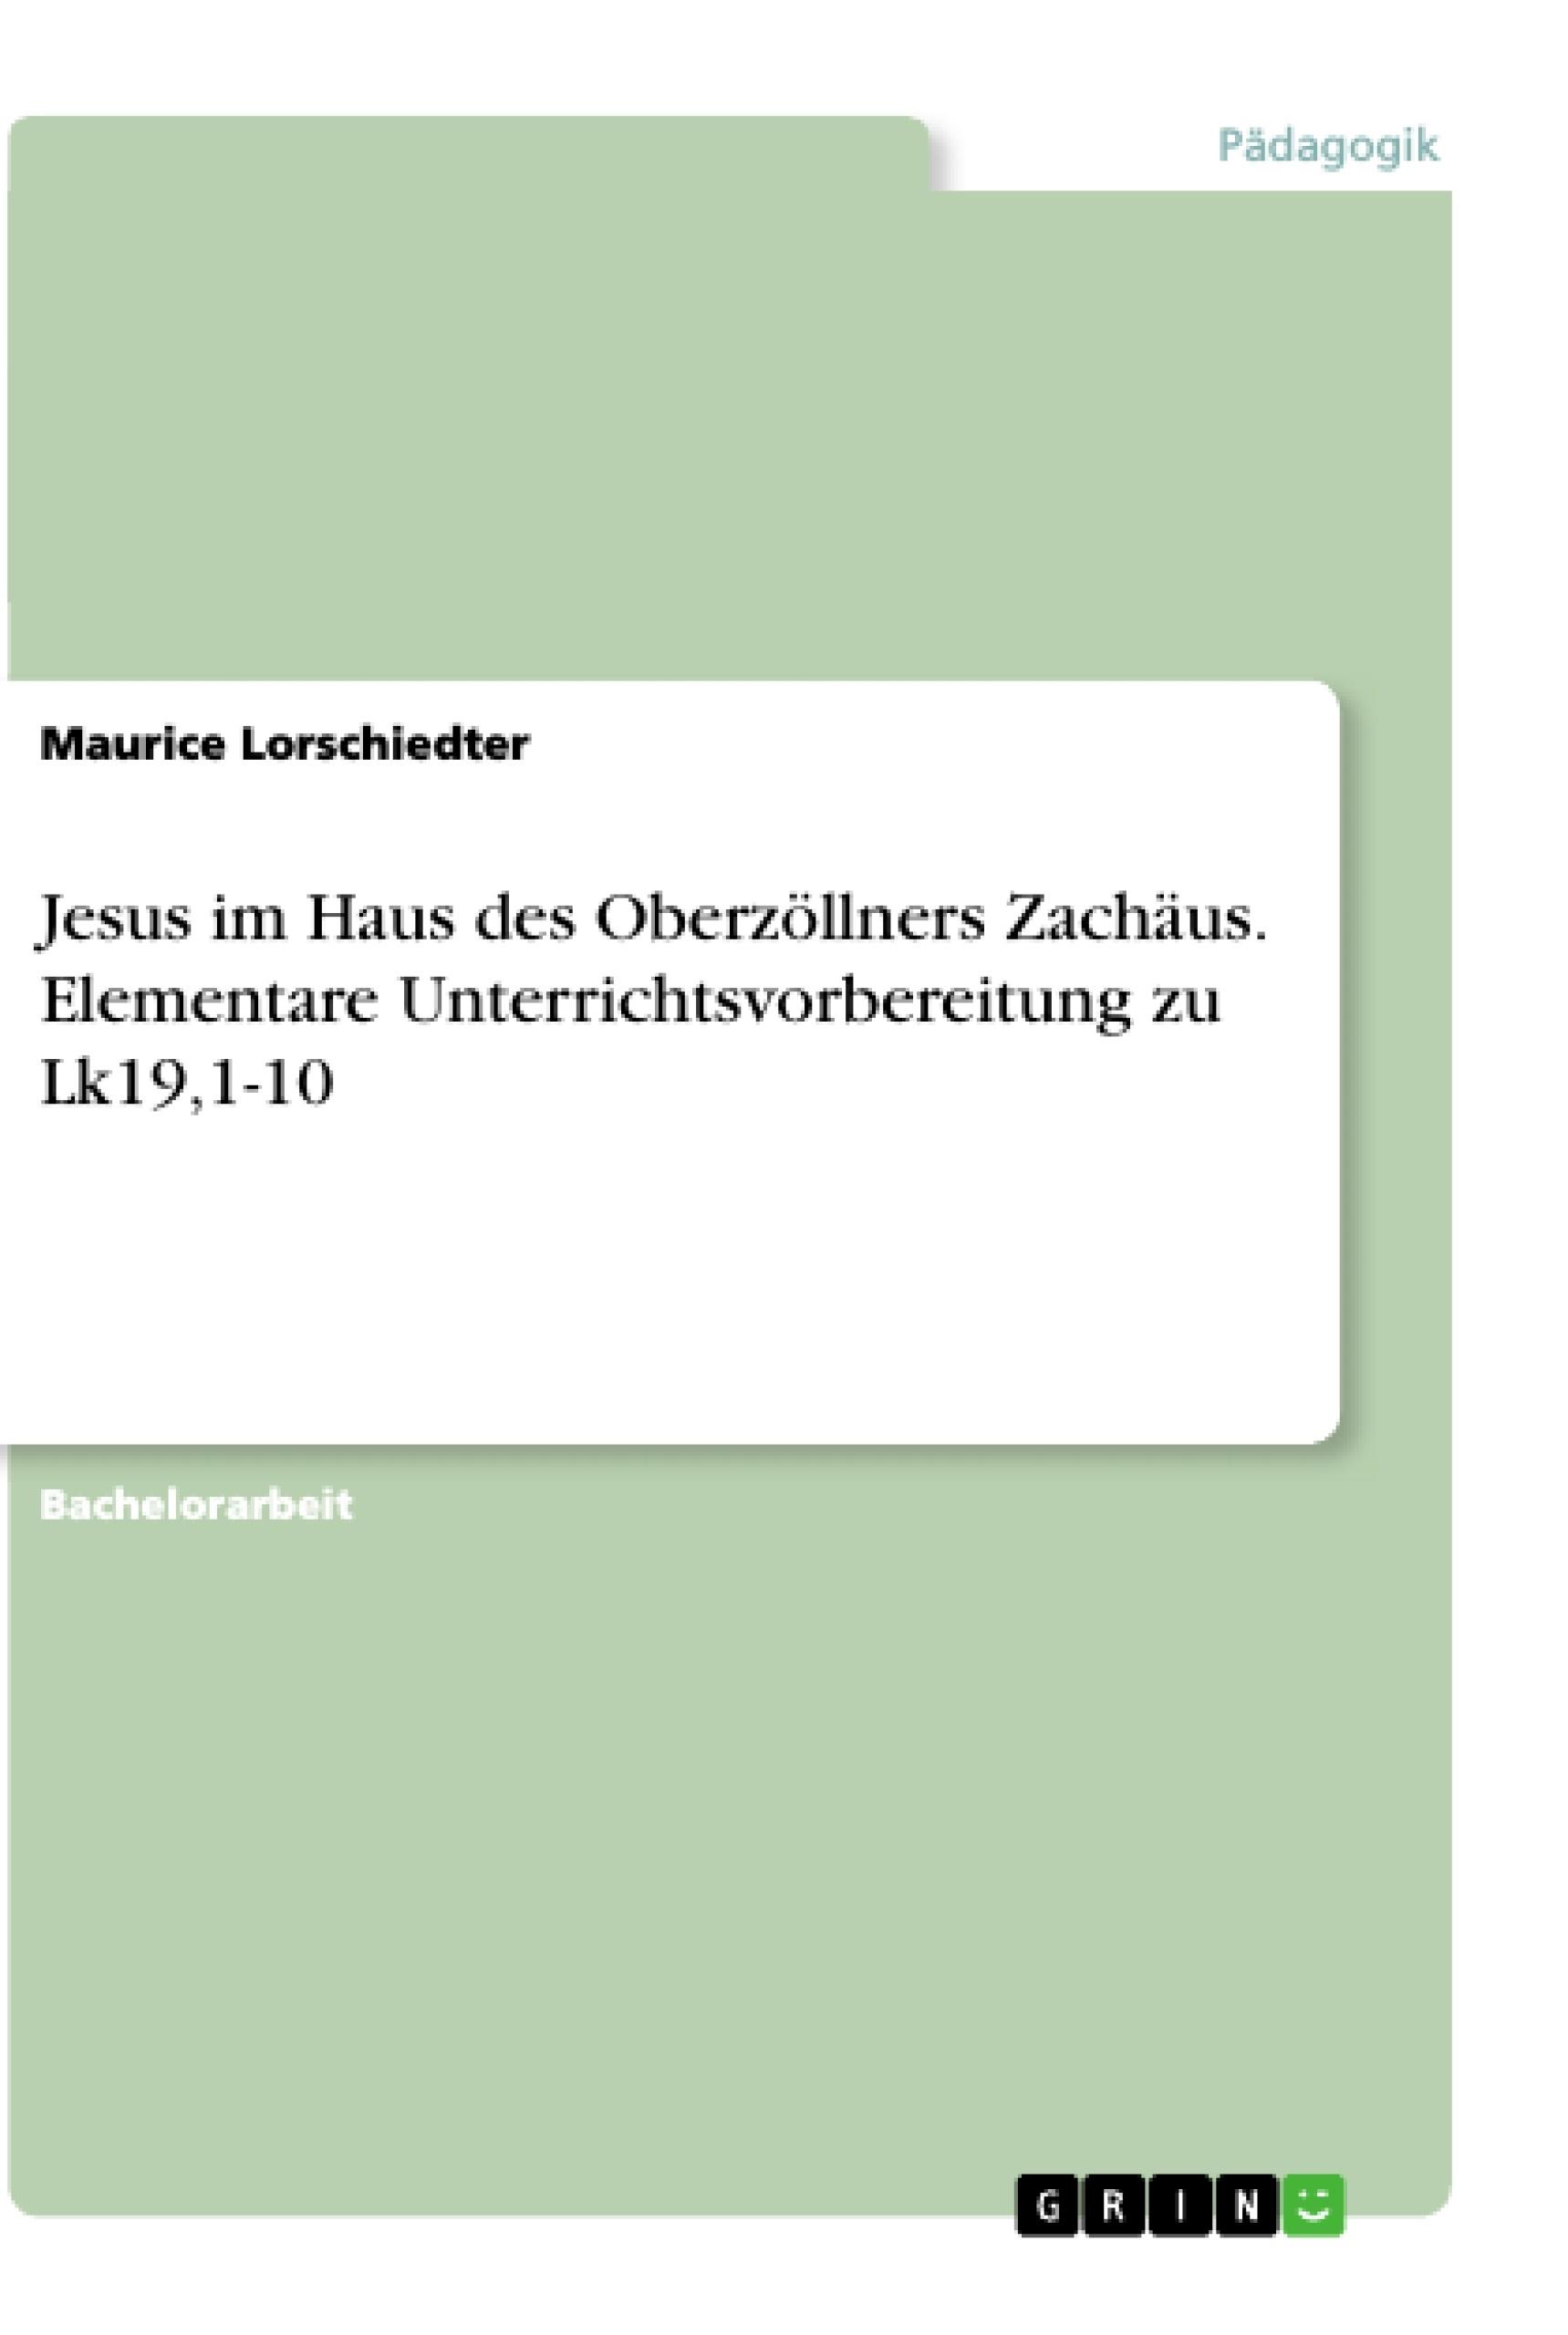 Titel: Jesus im Haus des Oberzöllners Zachäus. Elementare Unterrichtsvorbereitung zu Lk19,1-10